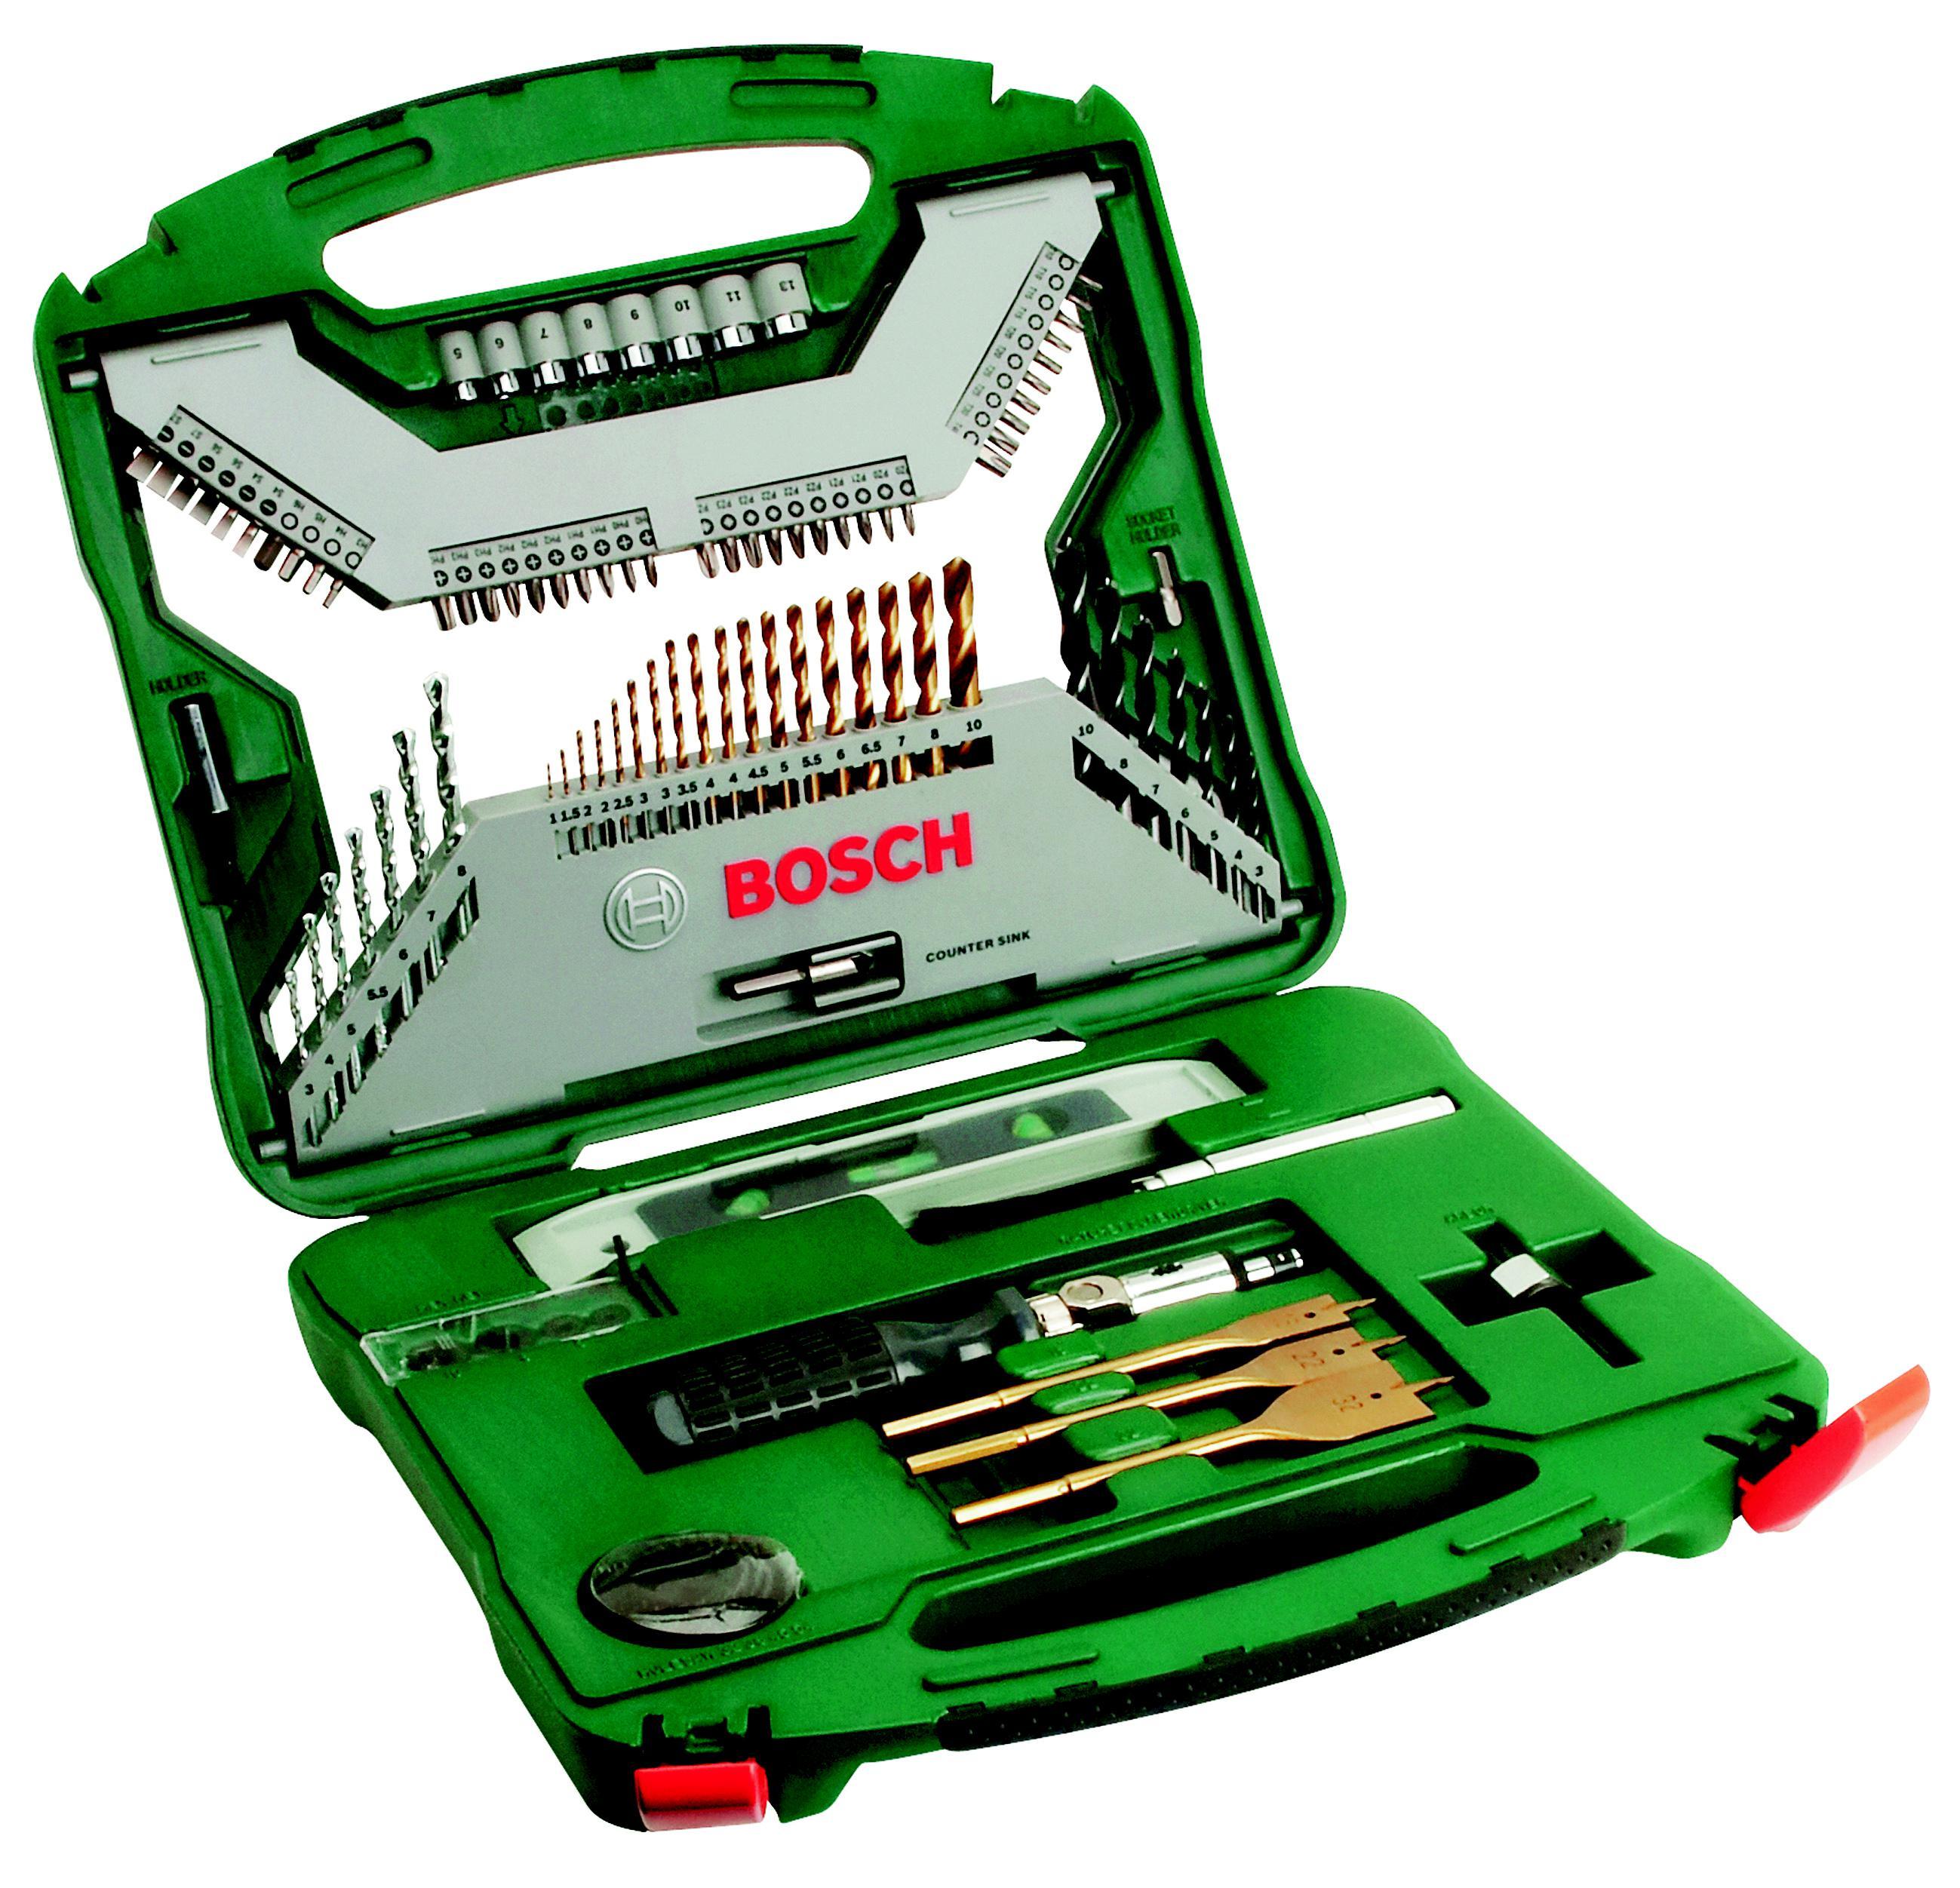 Набор бит и сверл Bosch X-line 100 titanium (2.607.019.330) цена и фото